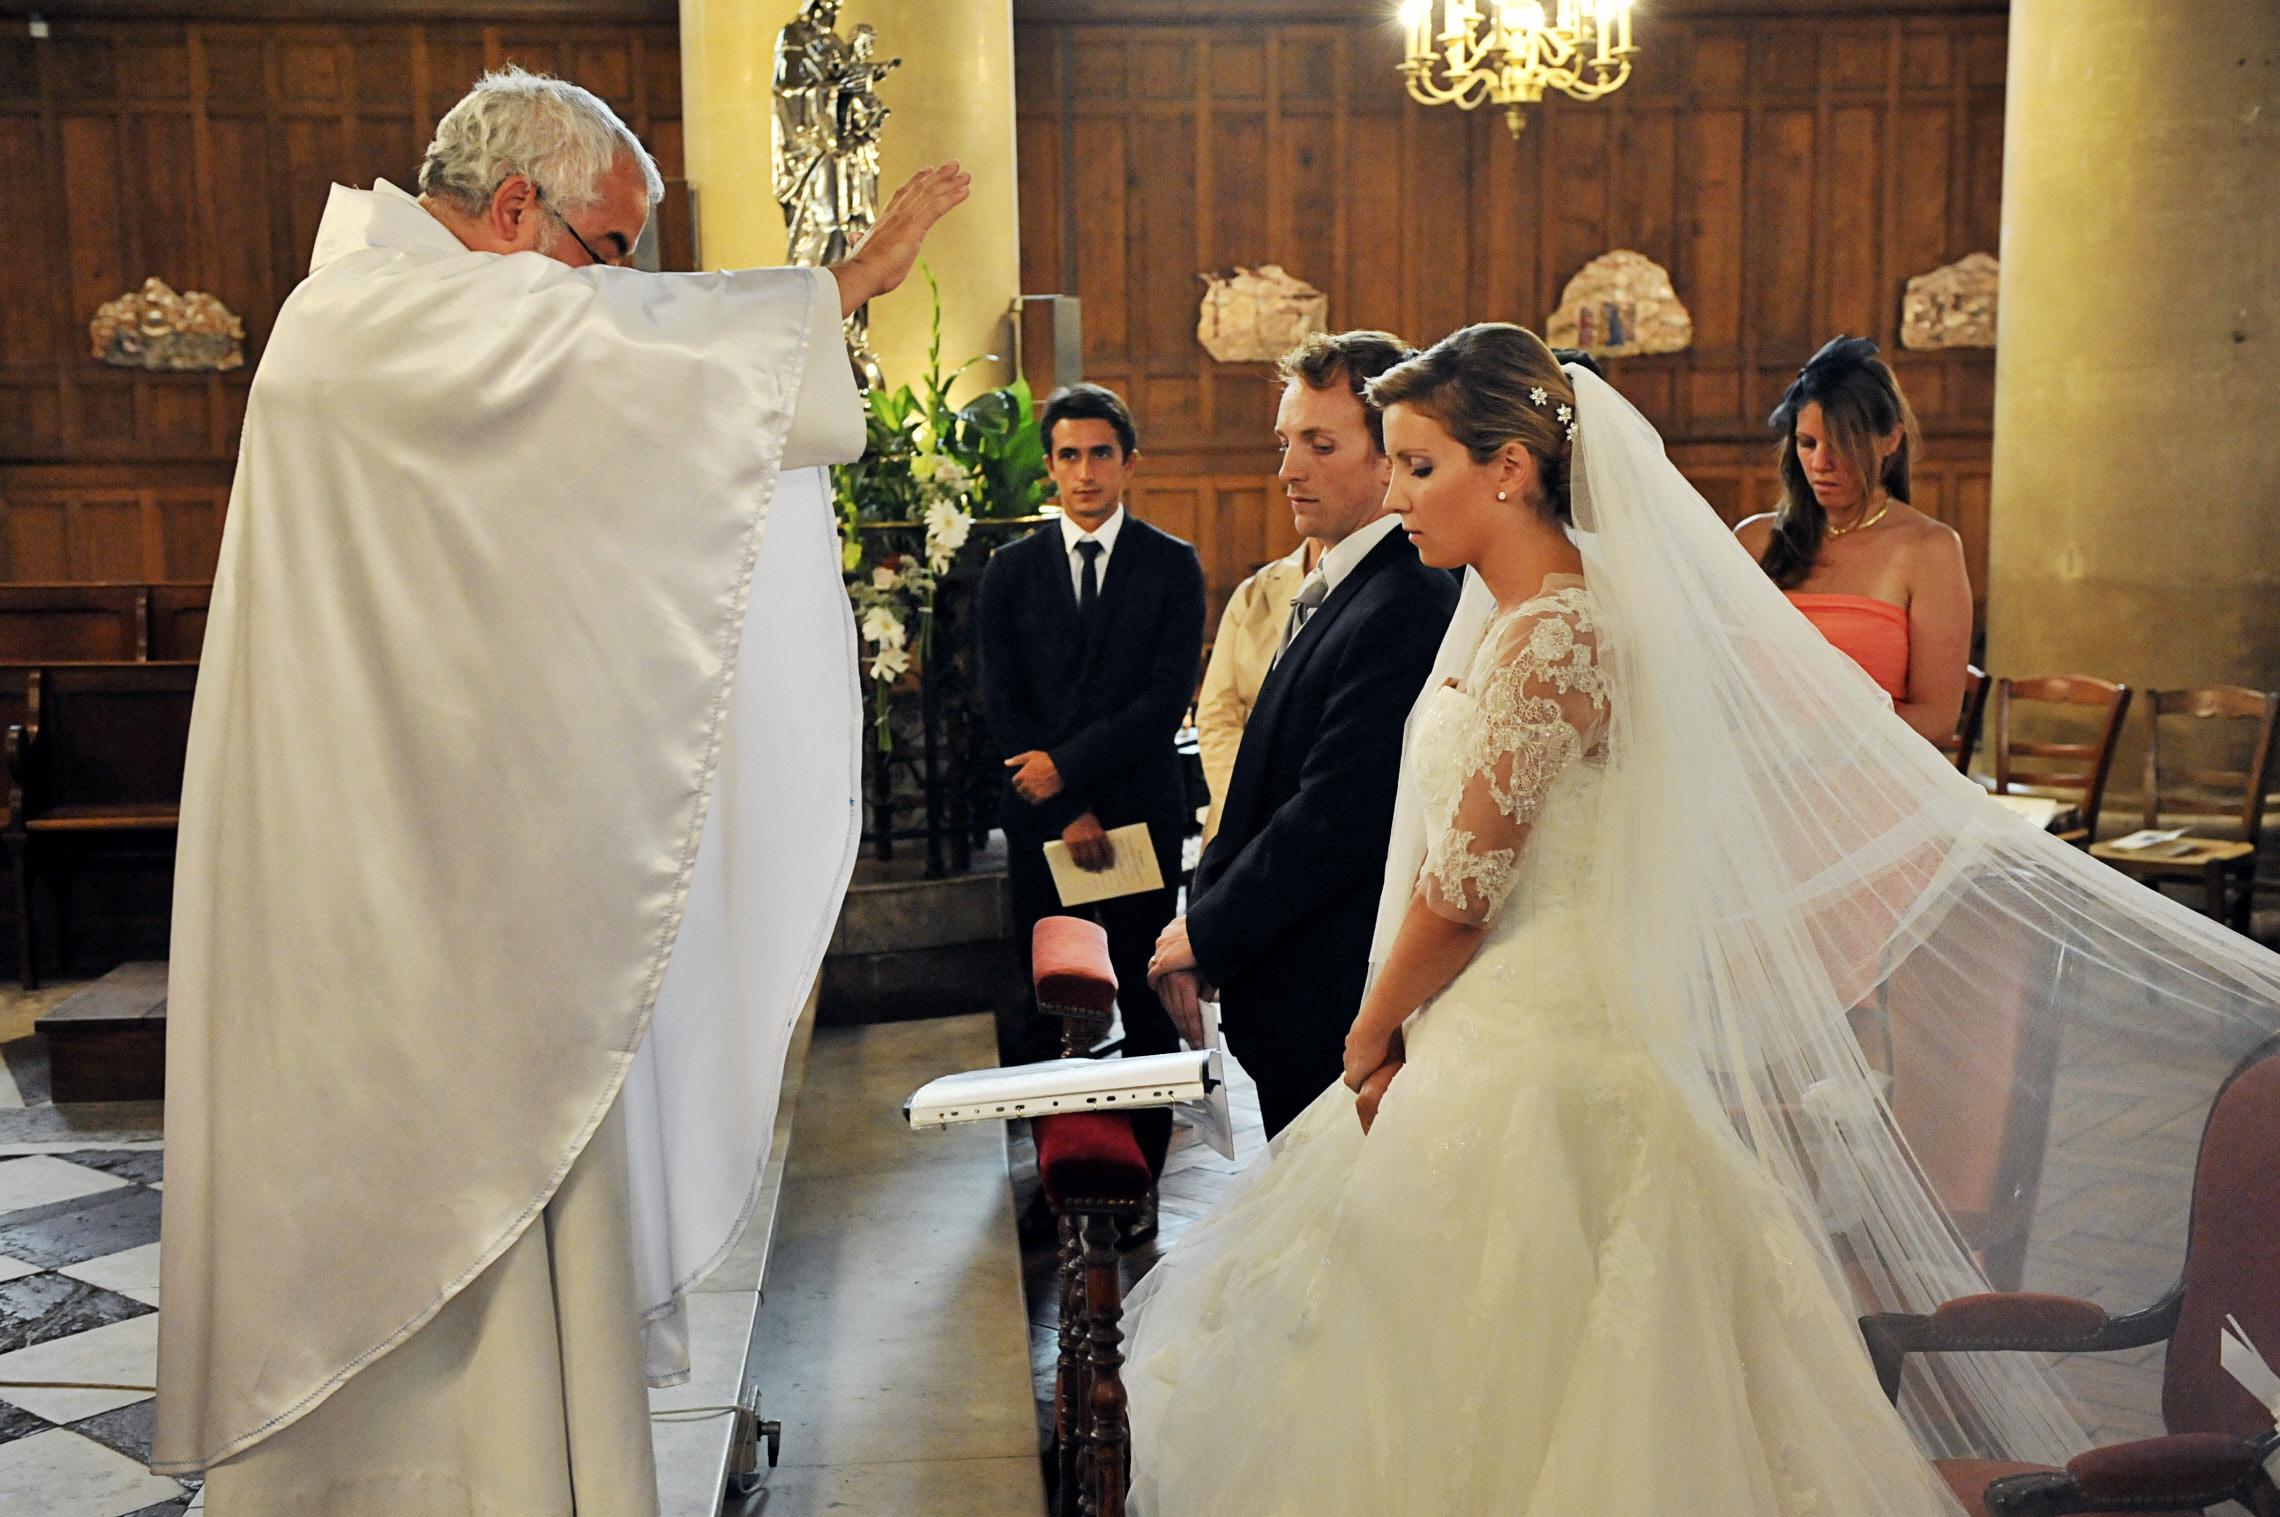 Célébrer le mariage  le rite de la bénédiction nuptiale